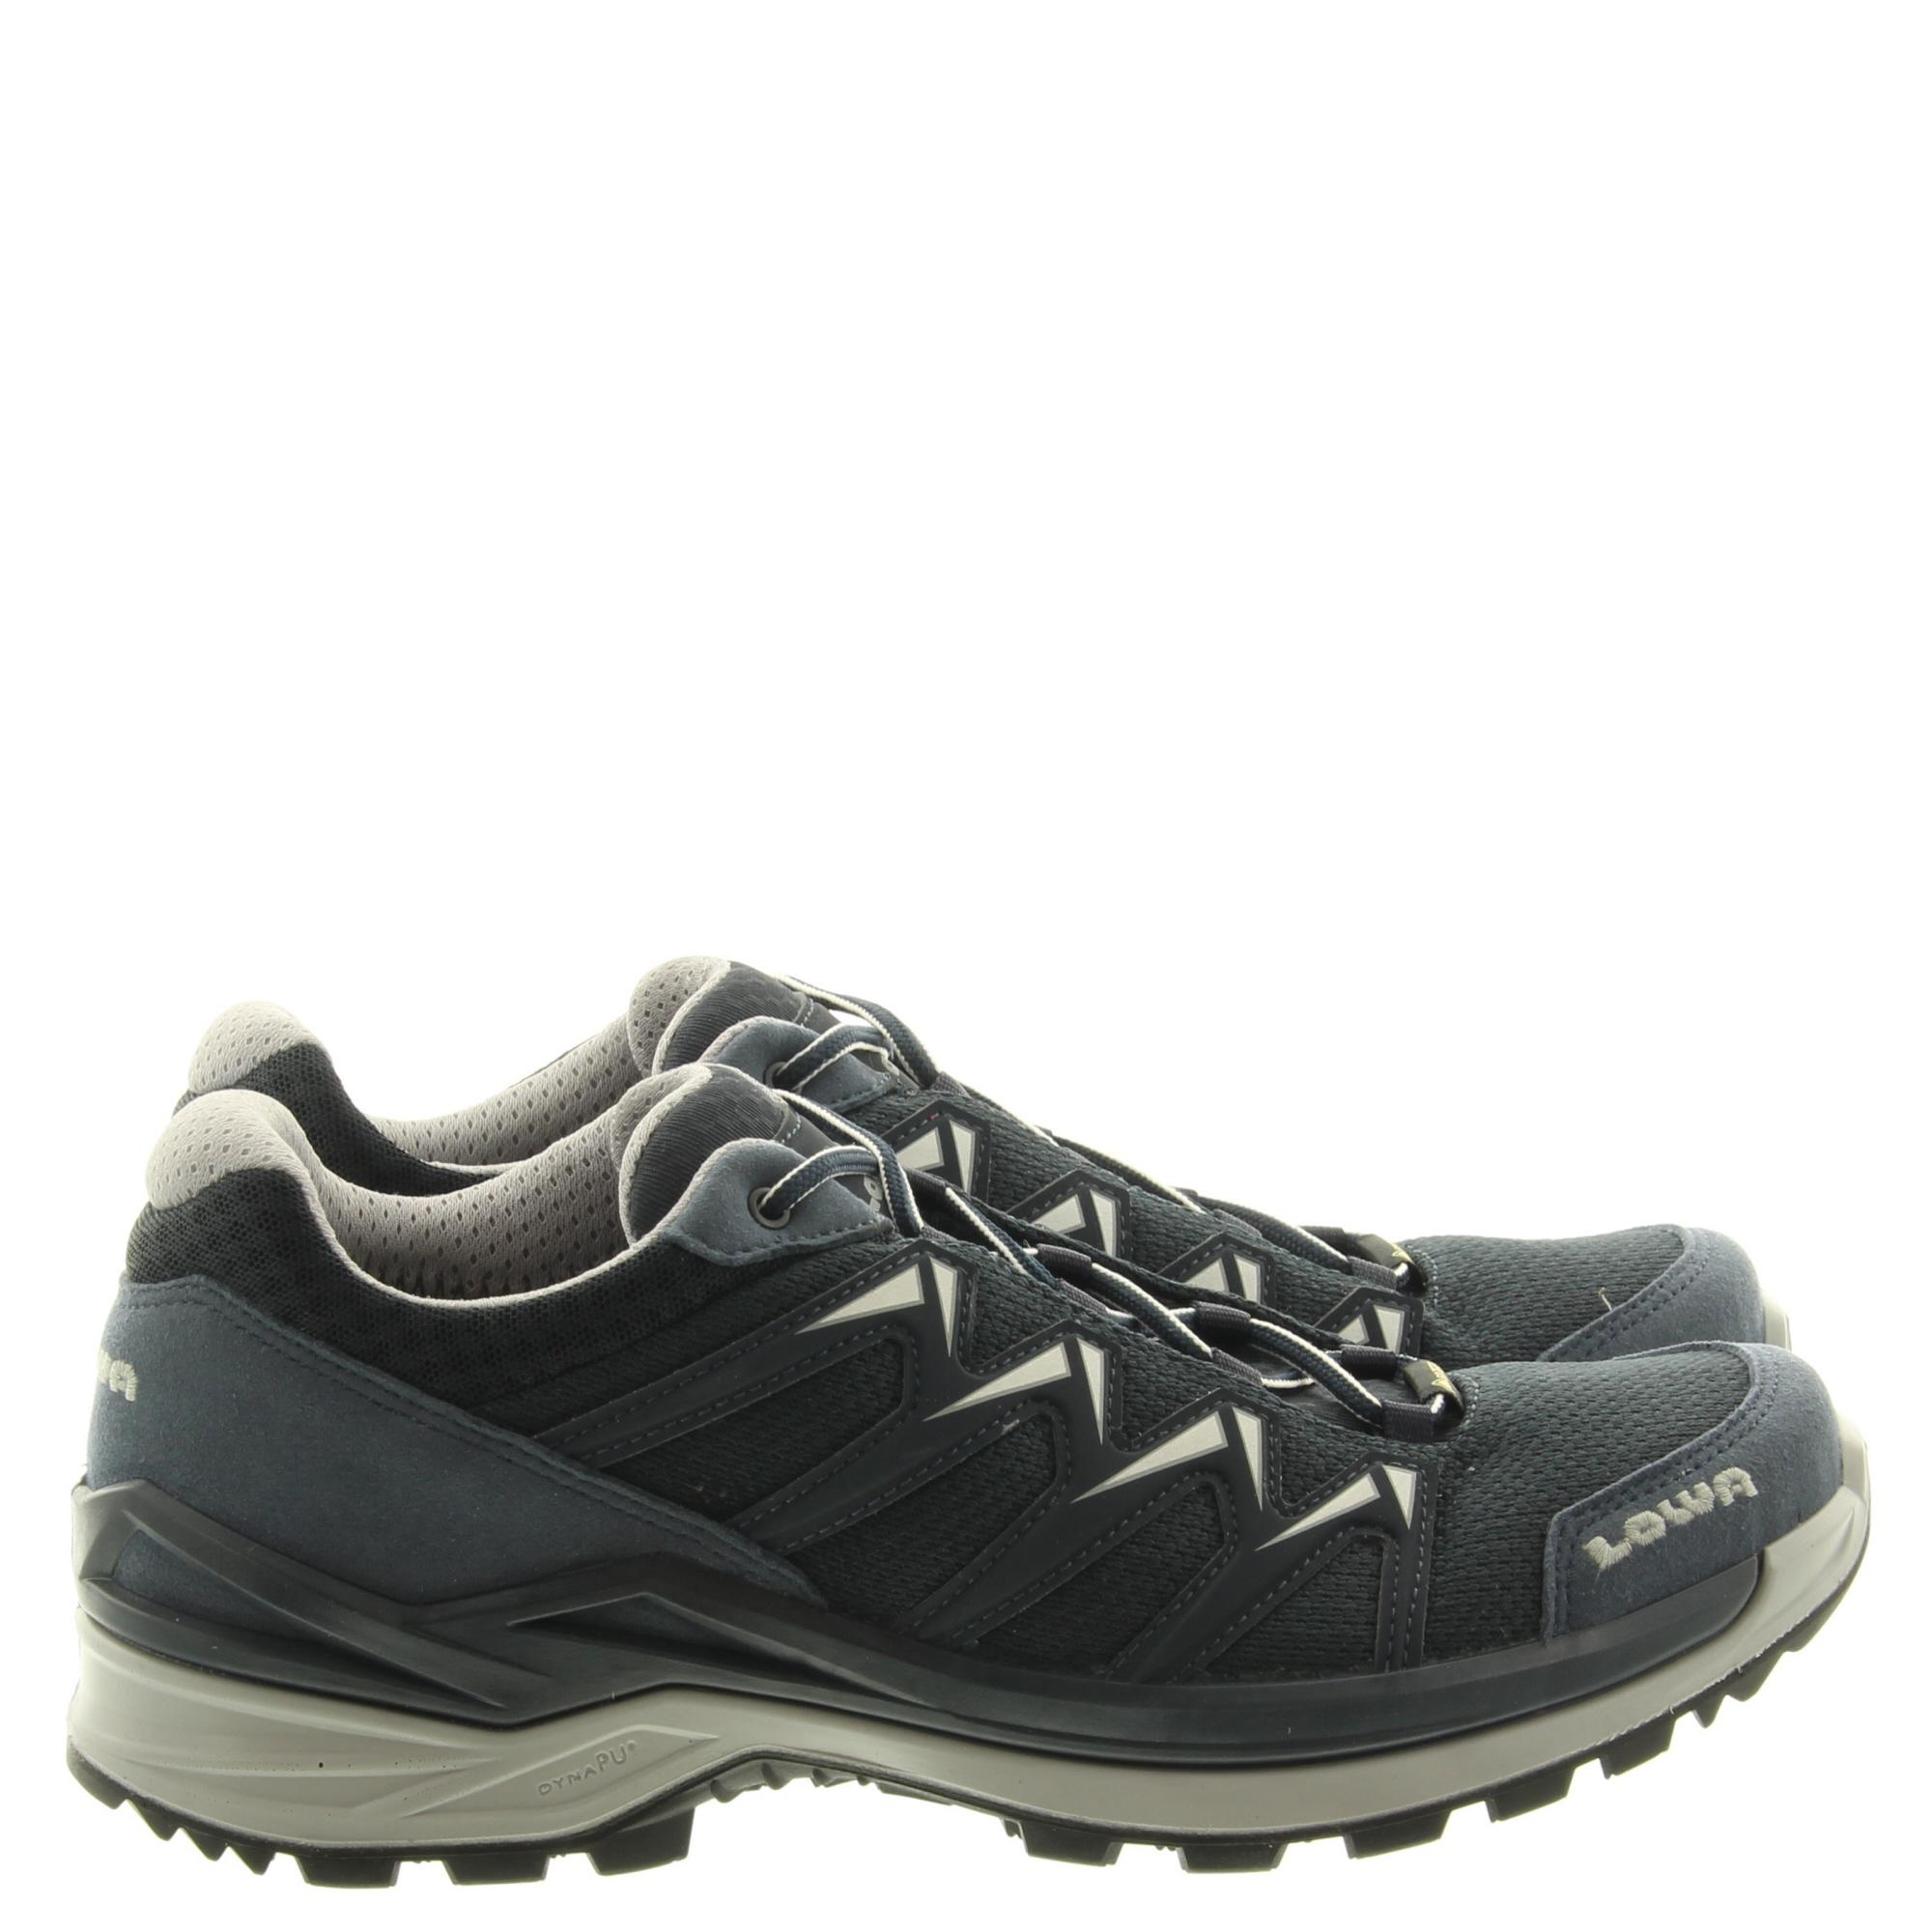 Lowa Innox Pro GTX 310709 7910 Stahlblau